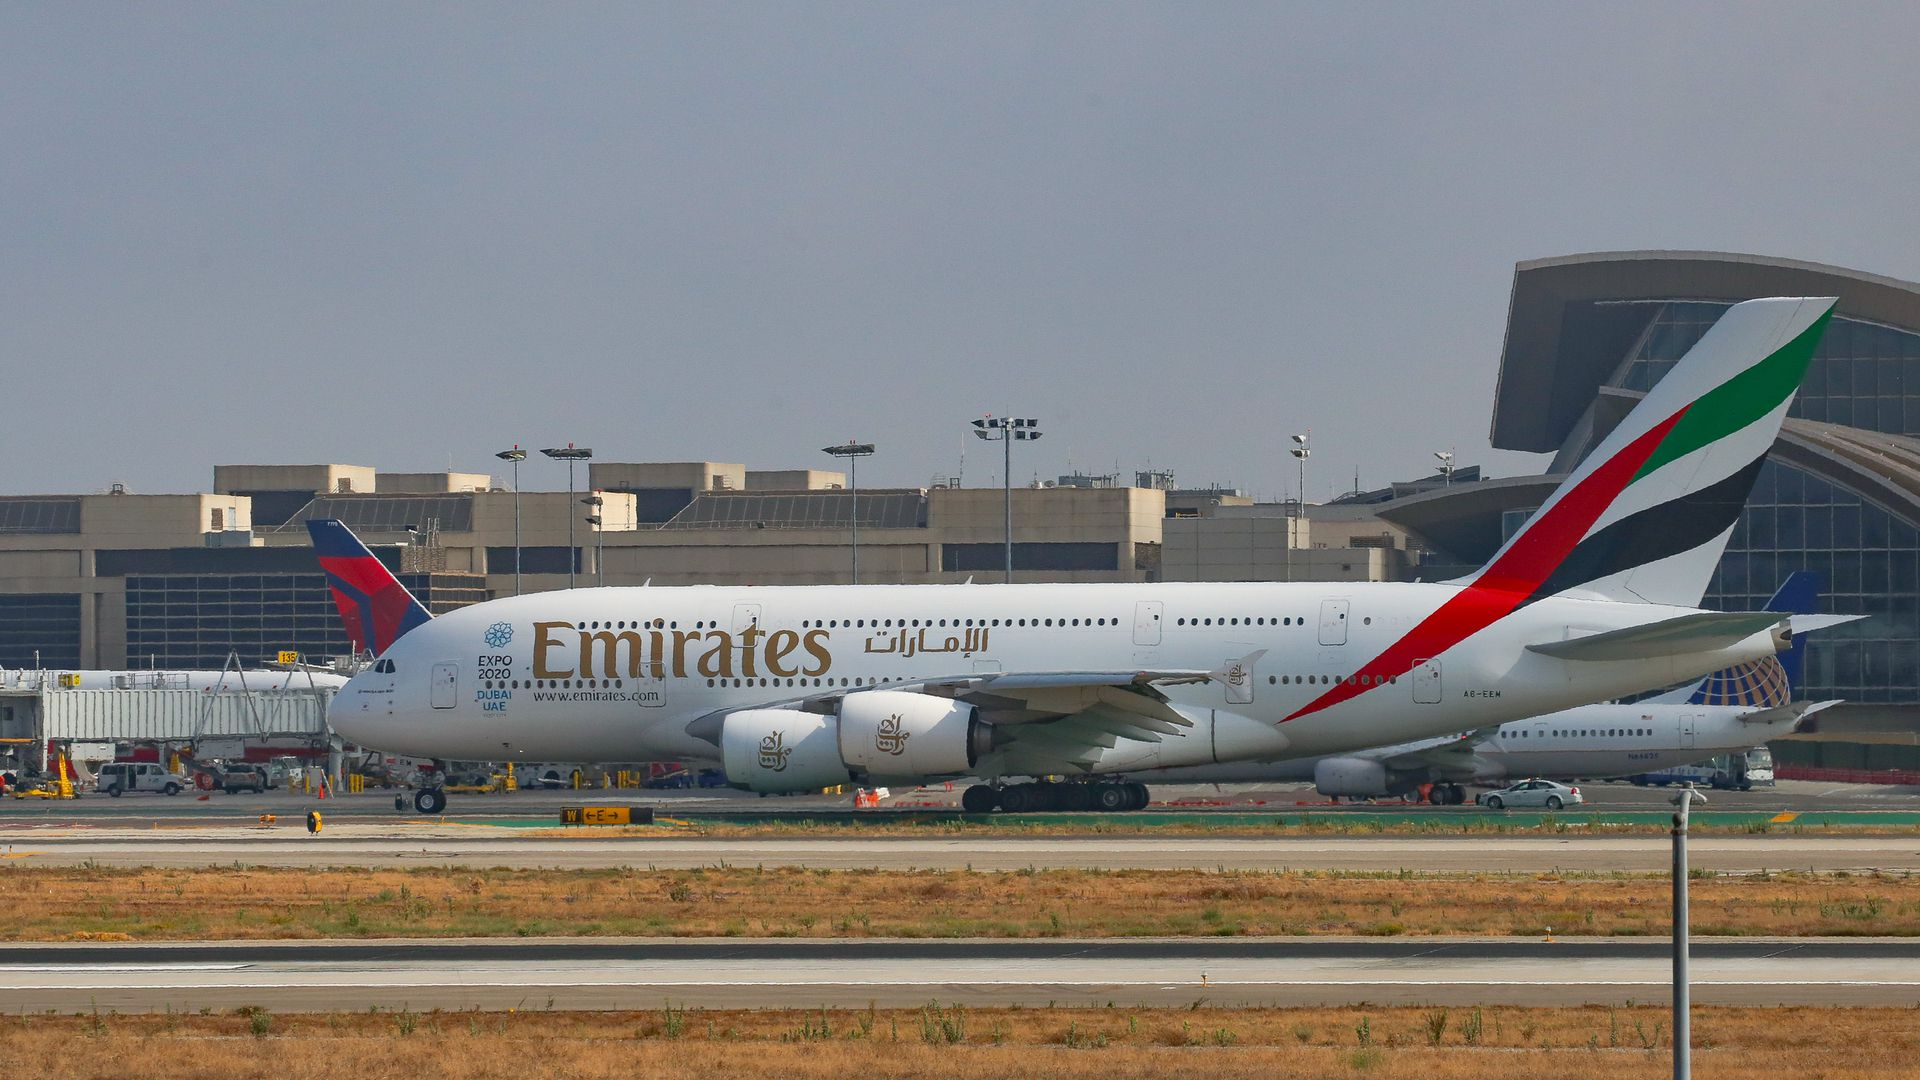 Emirates aircraft.